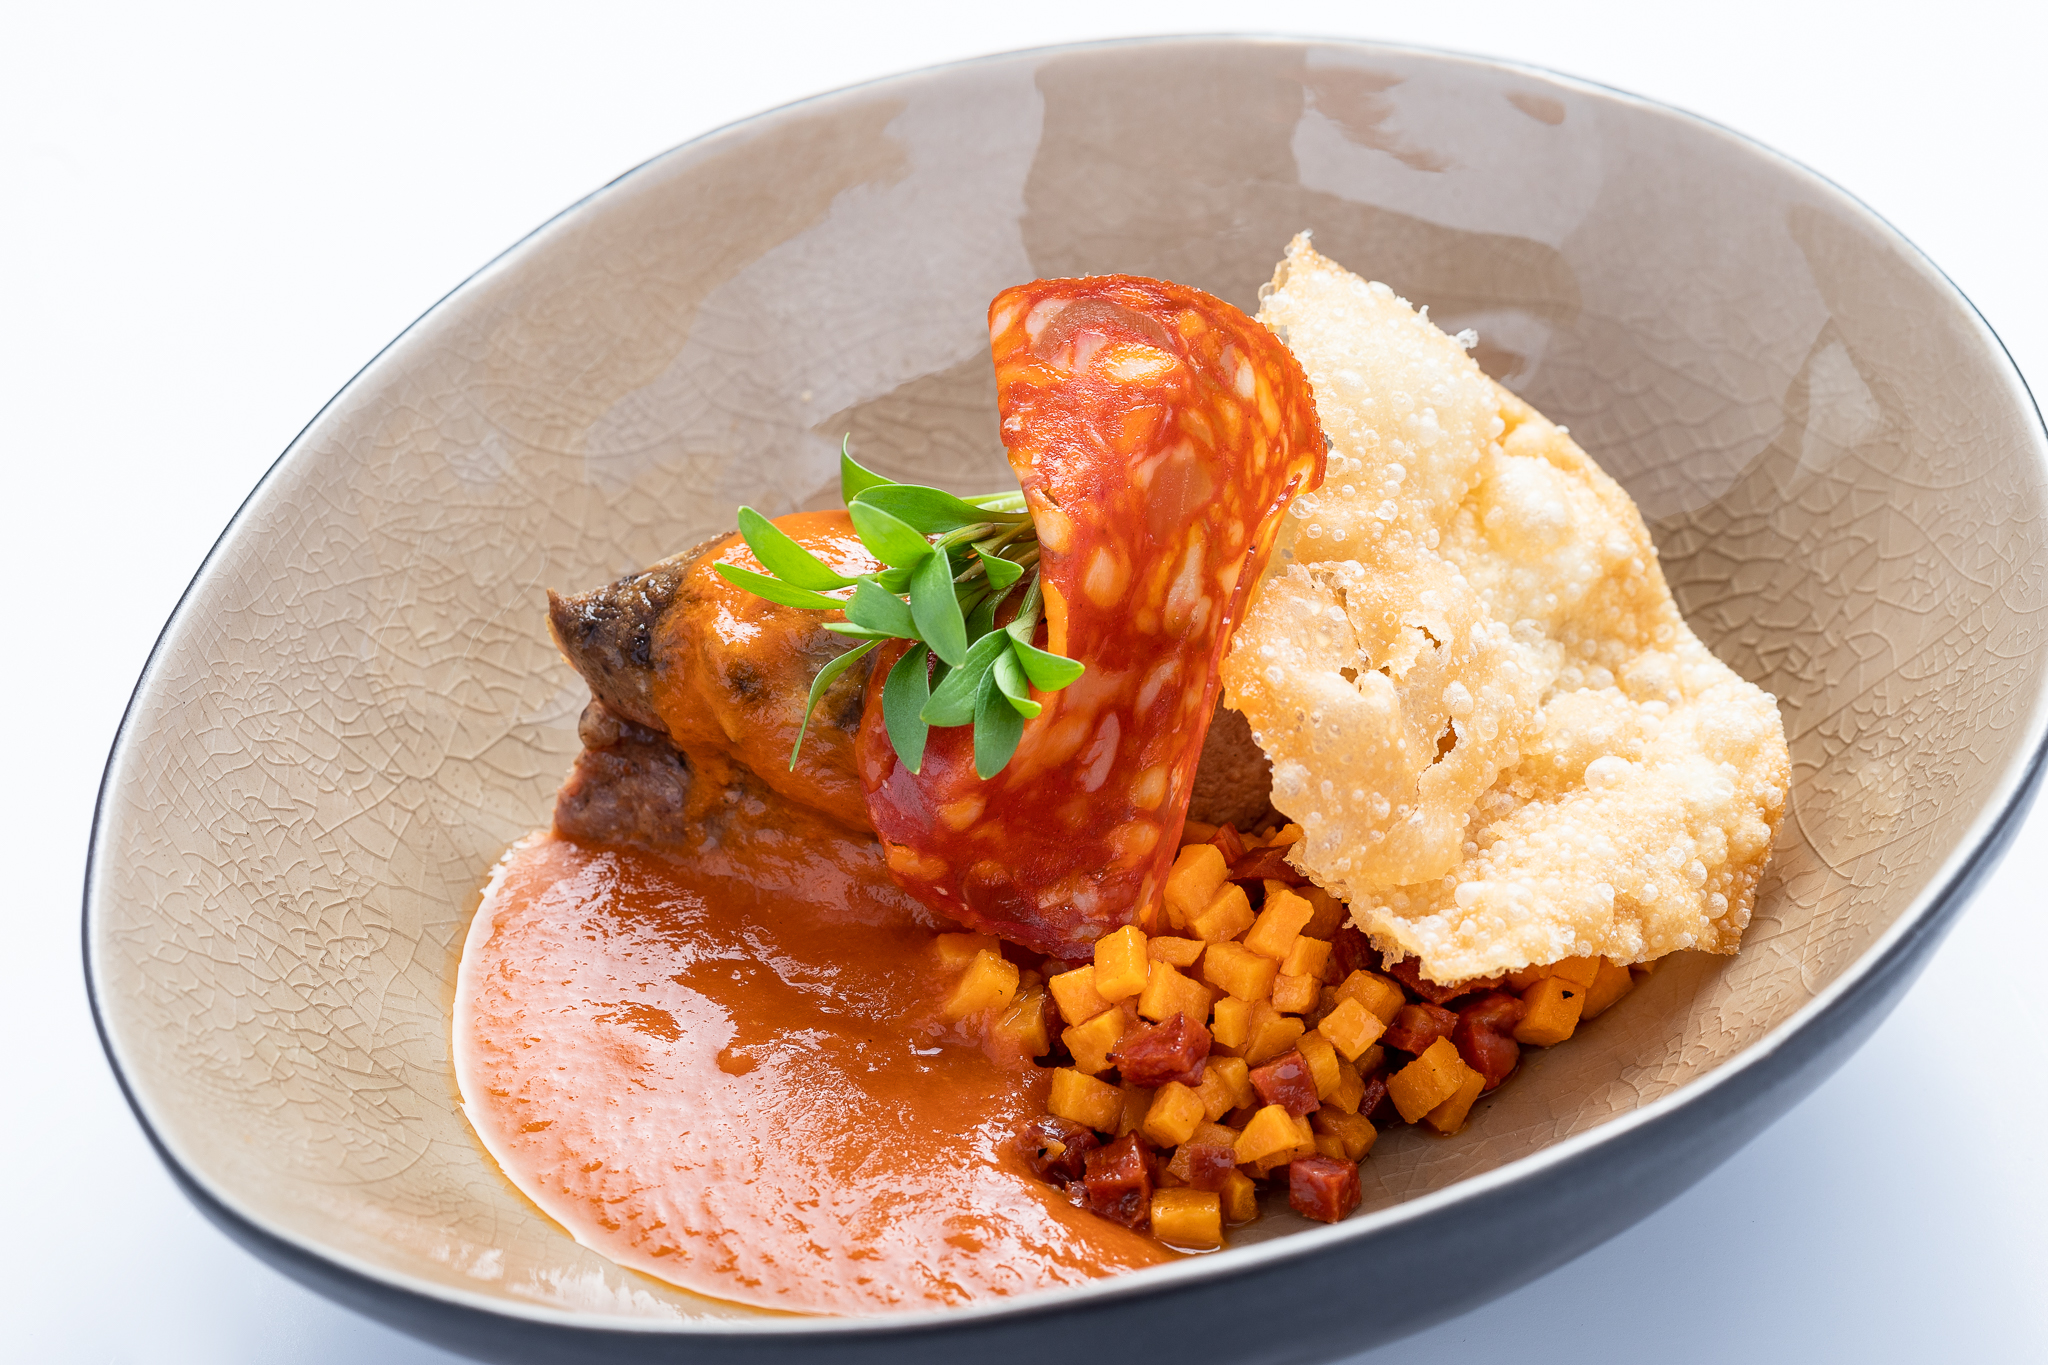 Langzaam gegaarde lamsnek, zoete aardappel, chorizo, spicy tomatensaus - Goesepitte43